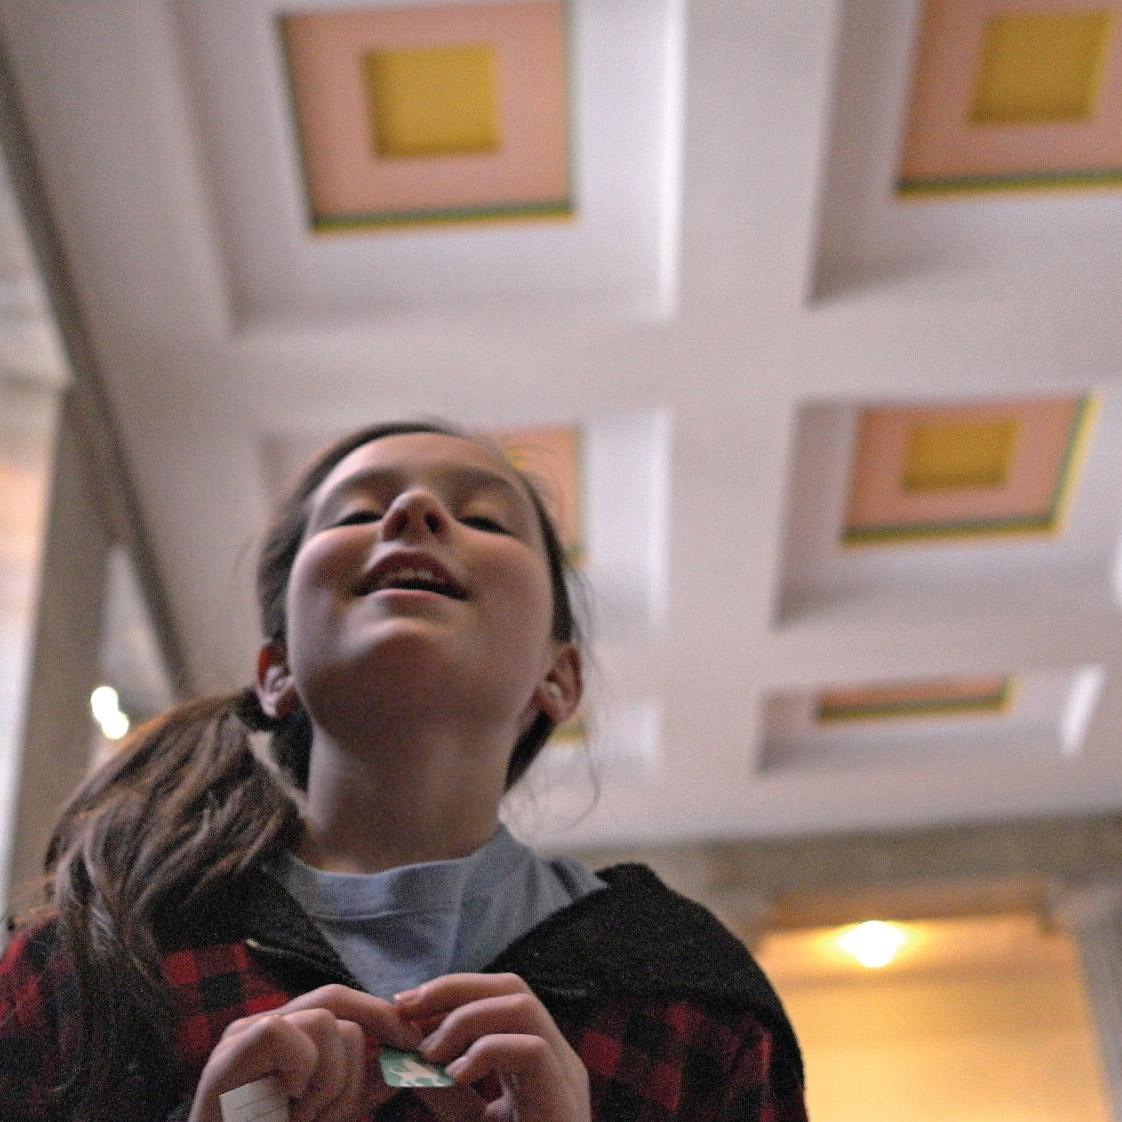 Myself_ Photographs of Children Pagesv2_interior 2-11.jpg